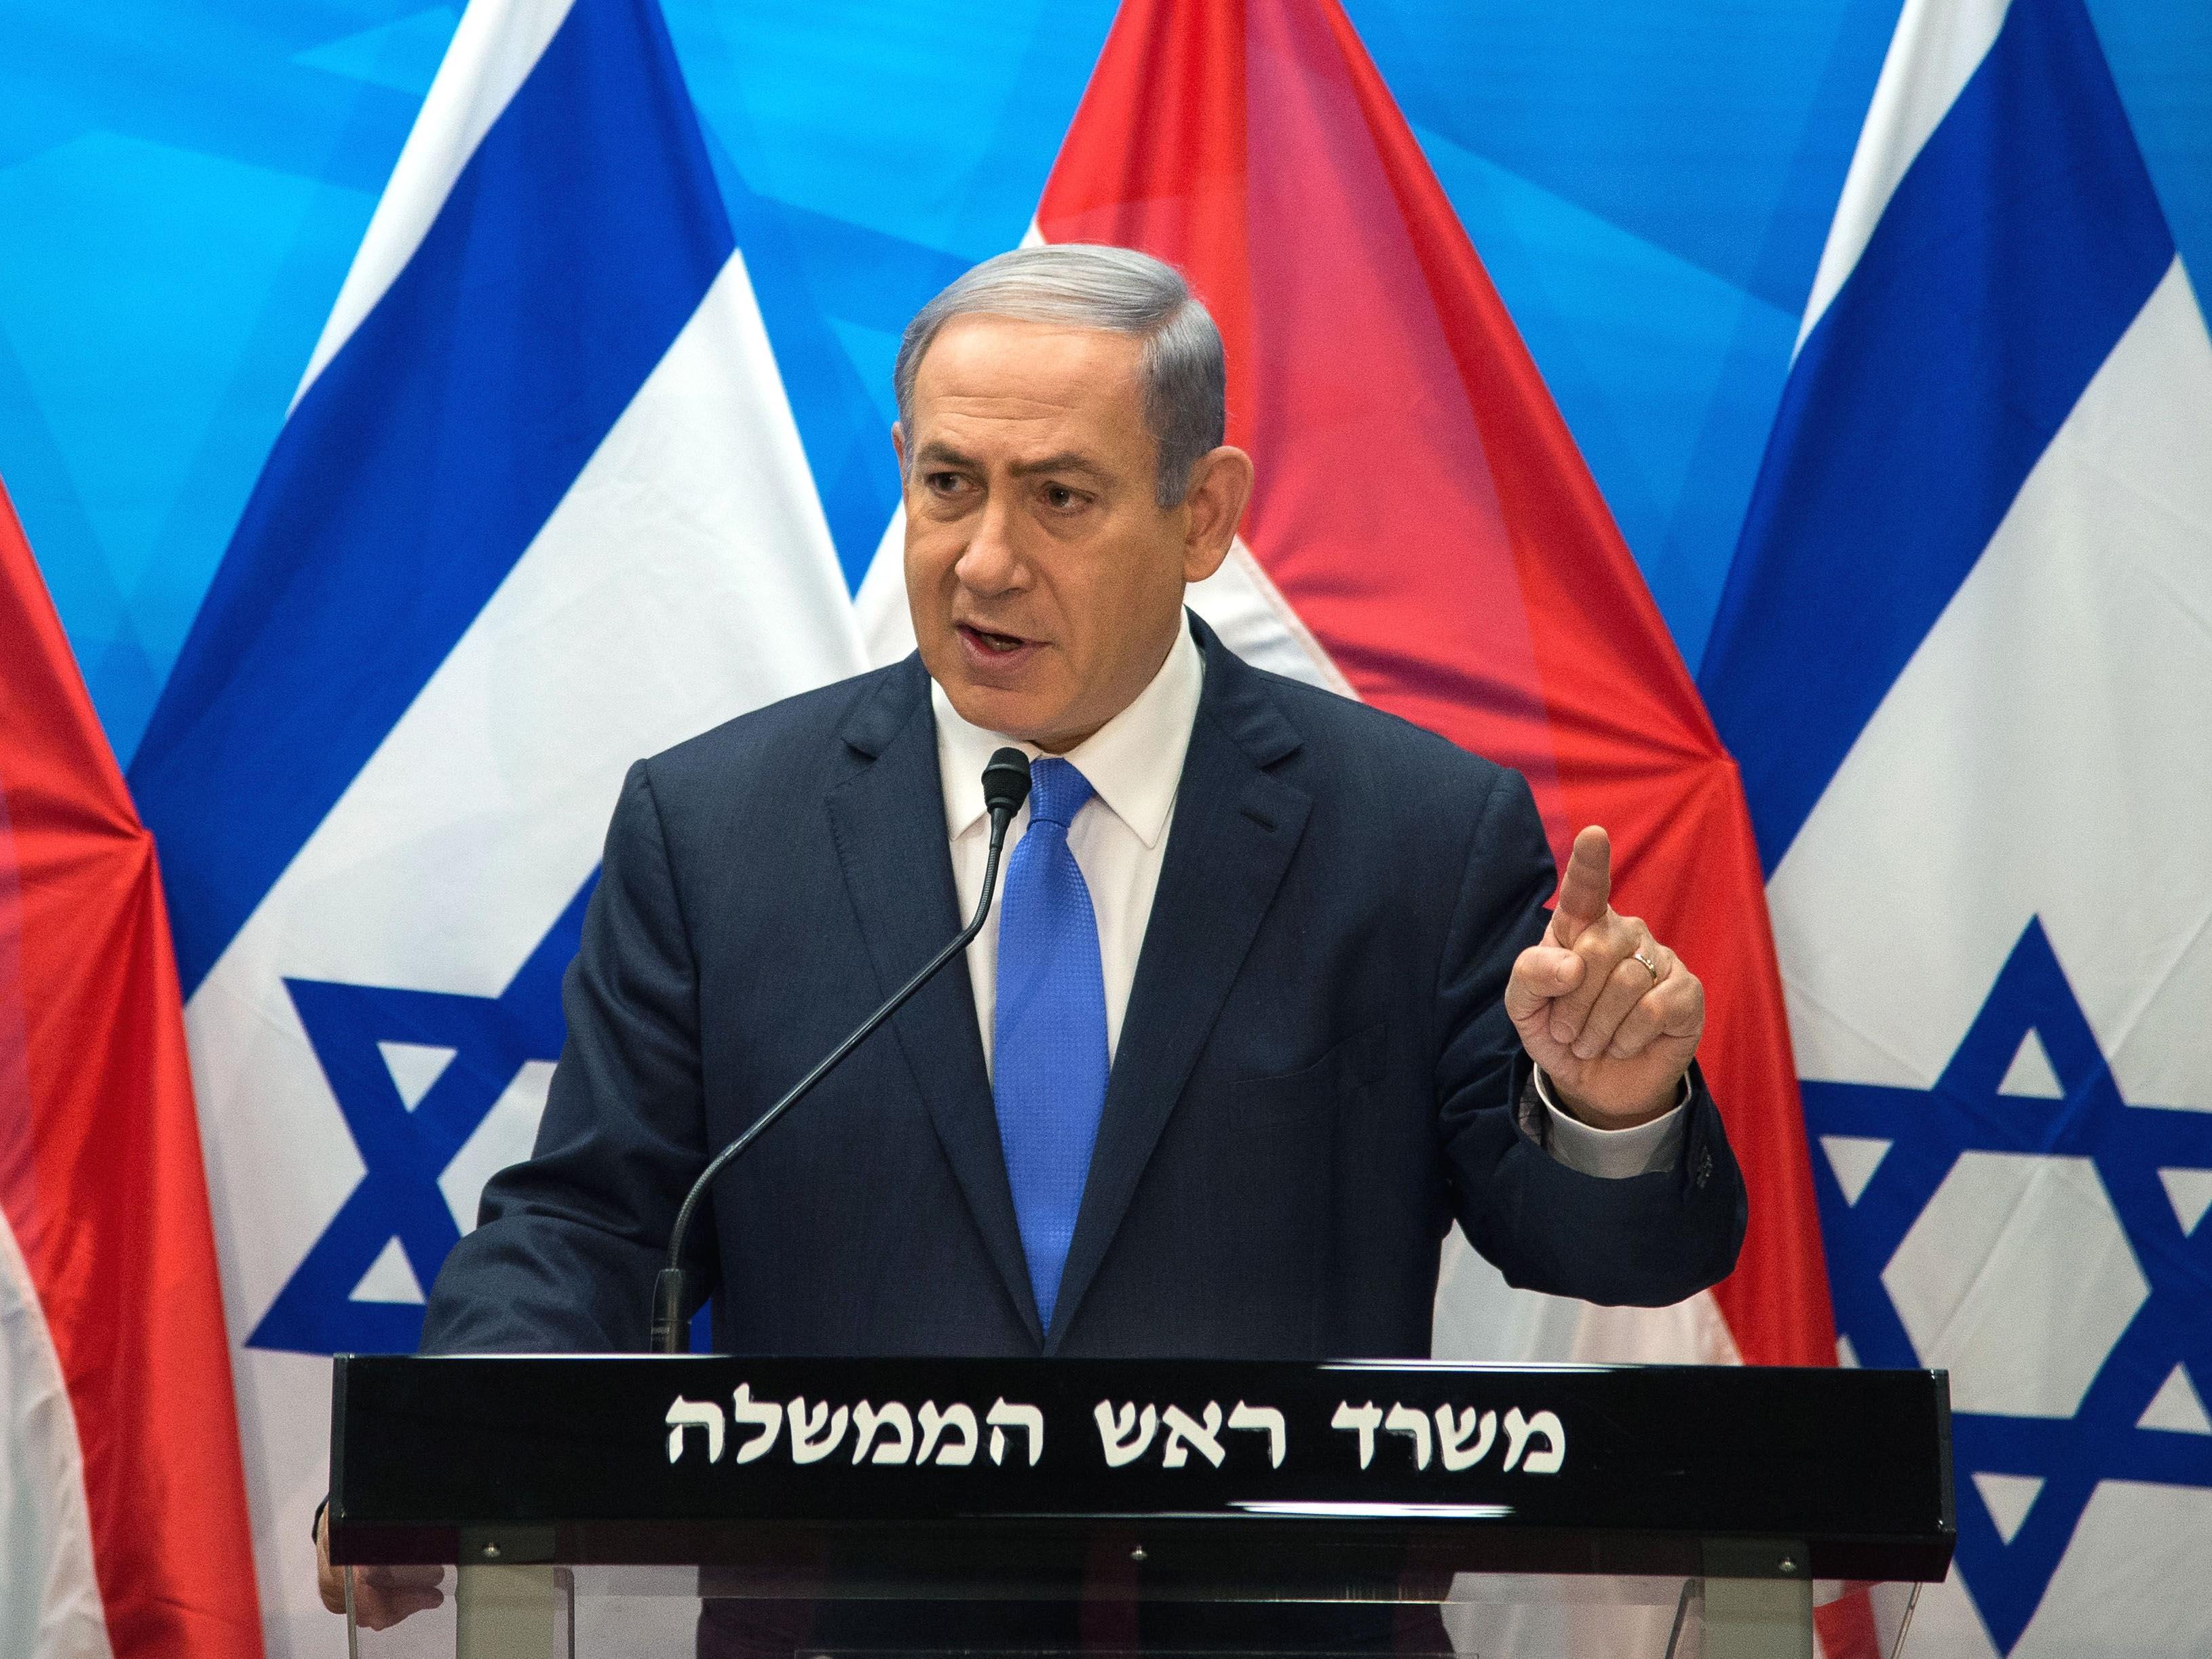 """Israels Regierungschef will """"Iranern die Wahrheit sagen""""."""